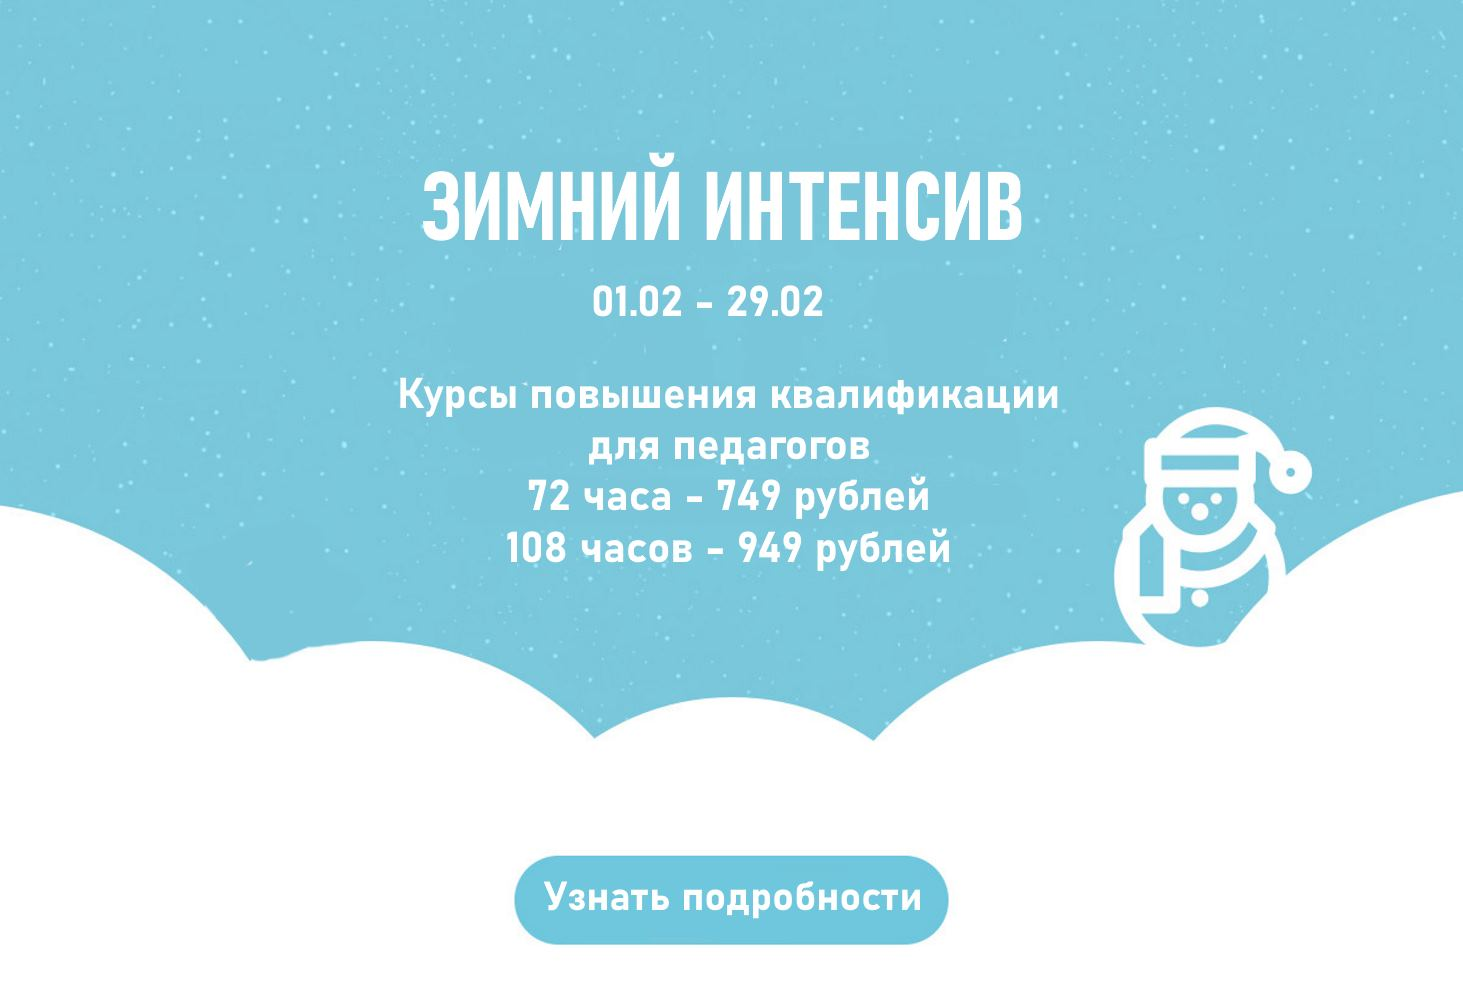 v-moem-universitete-startoval-zimnij-intensiv-dlya-pedagogov-kursy-72-chasa-v-ego-ramkah-stoyat-749-rublej